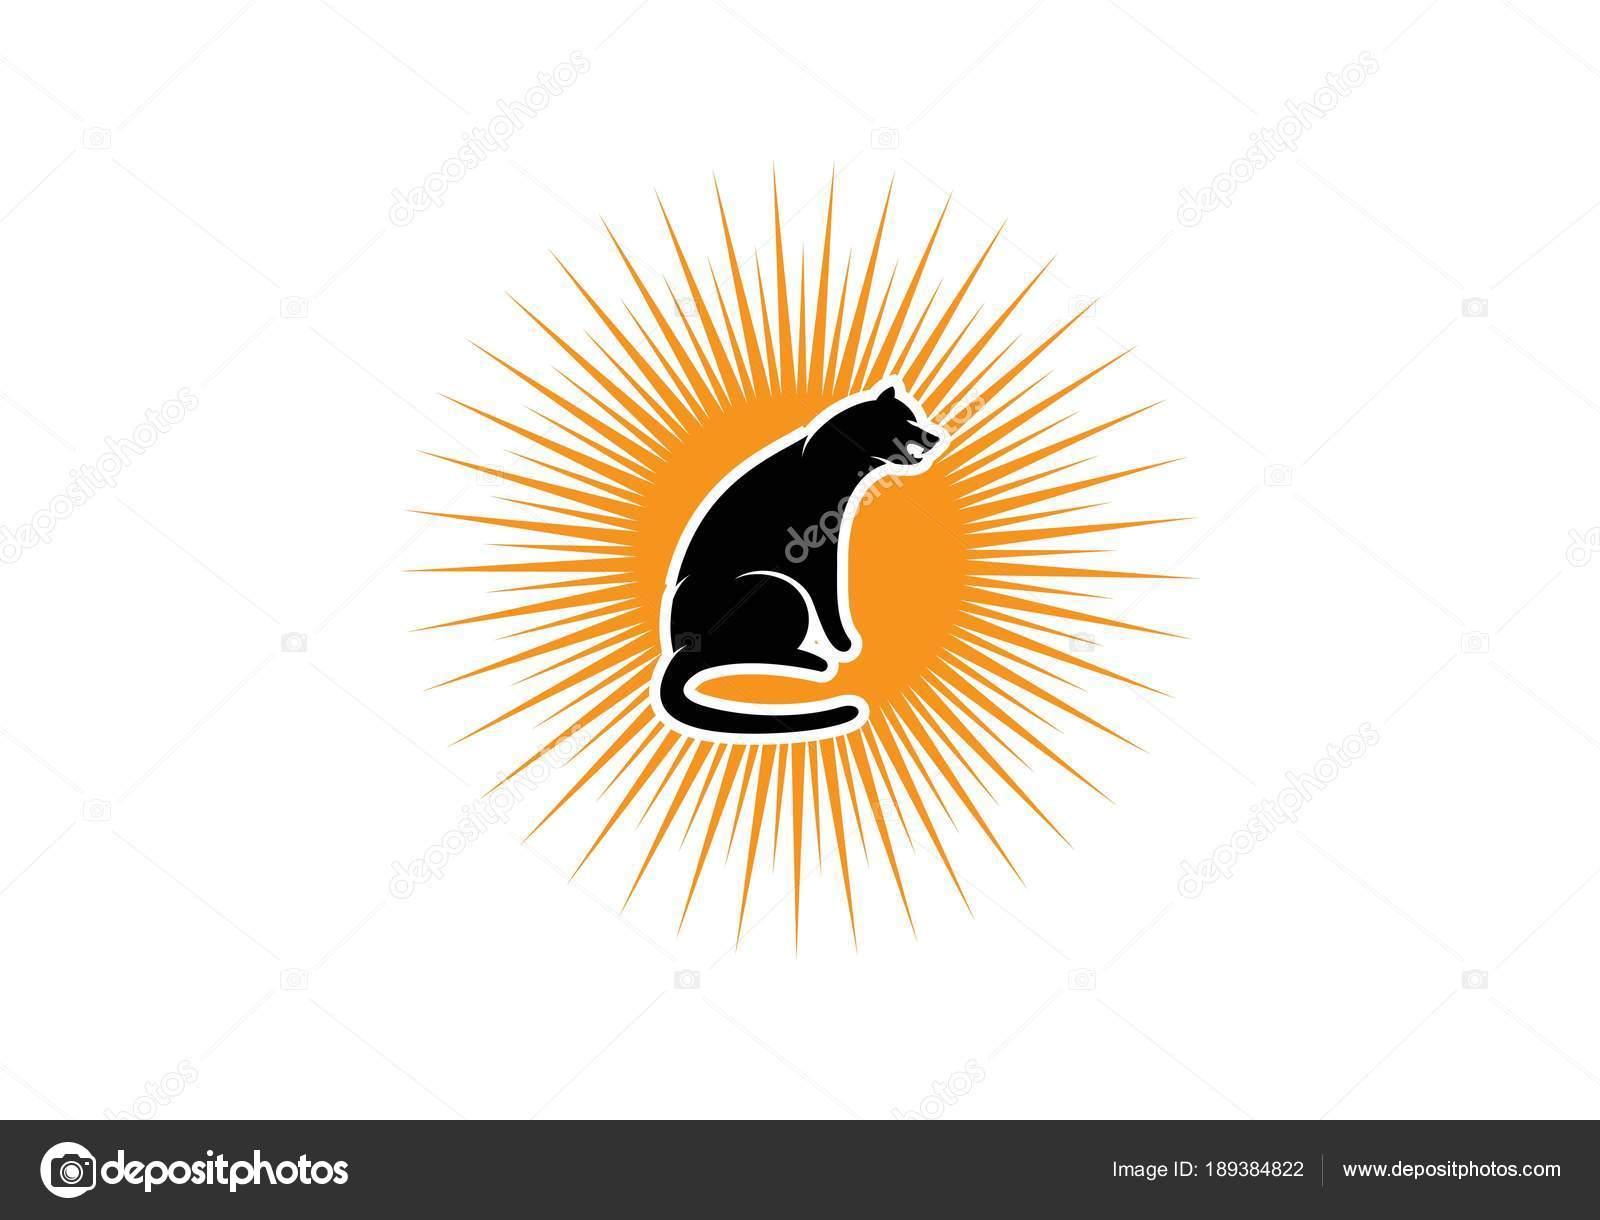 Cheetah logo template — Stock Vector © elaelo #189384822